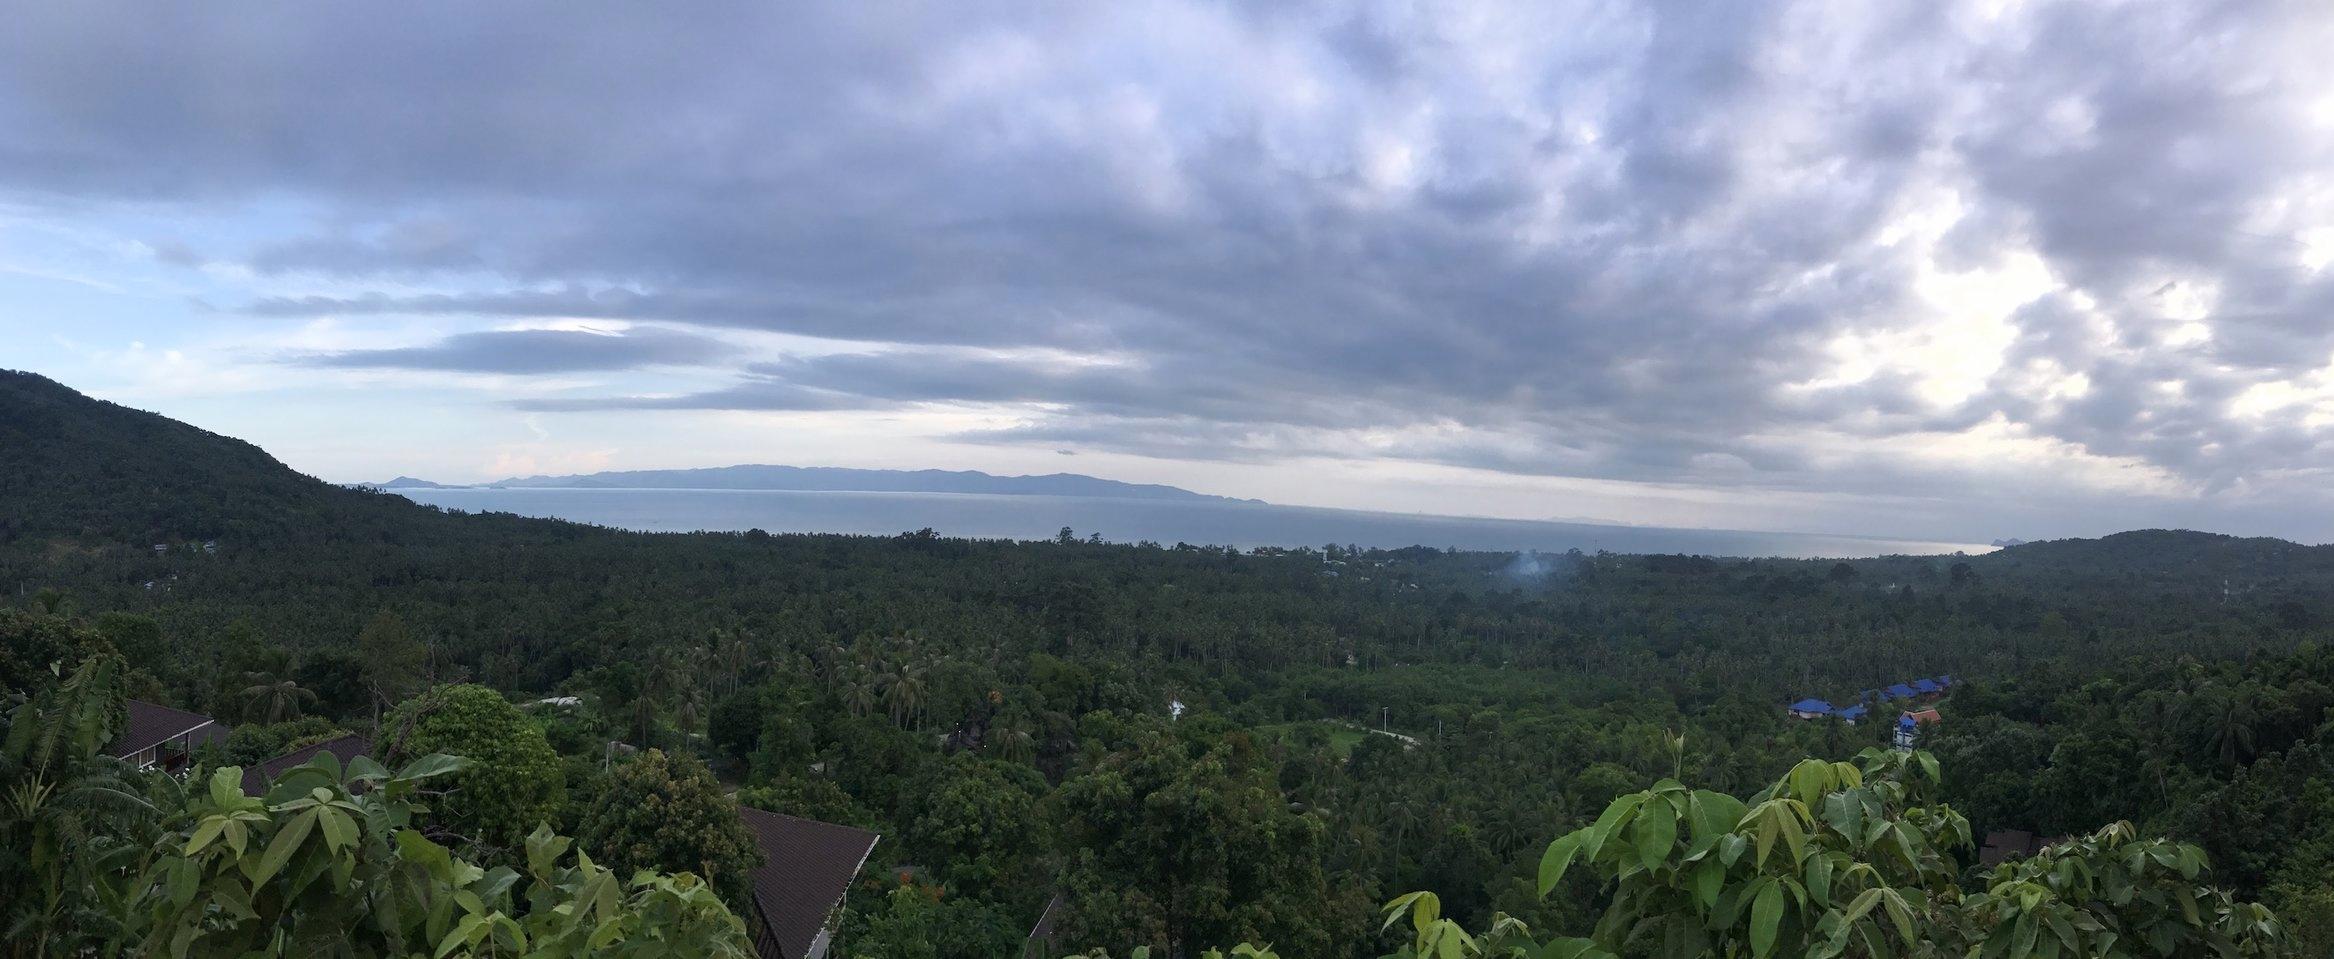 View Across Koh Phangan